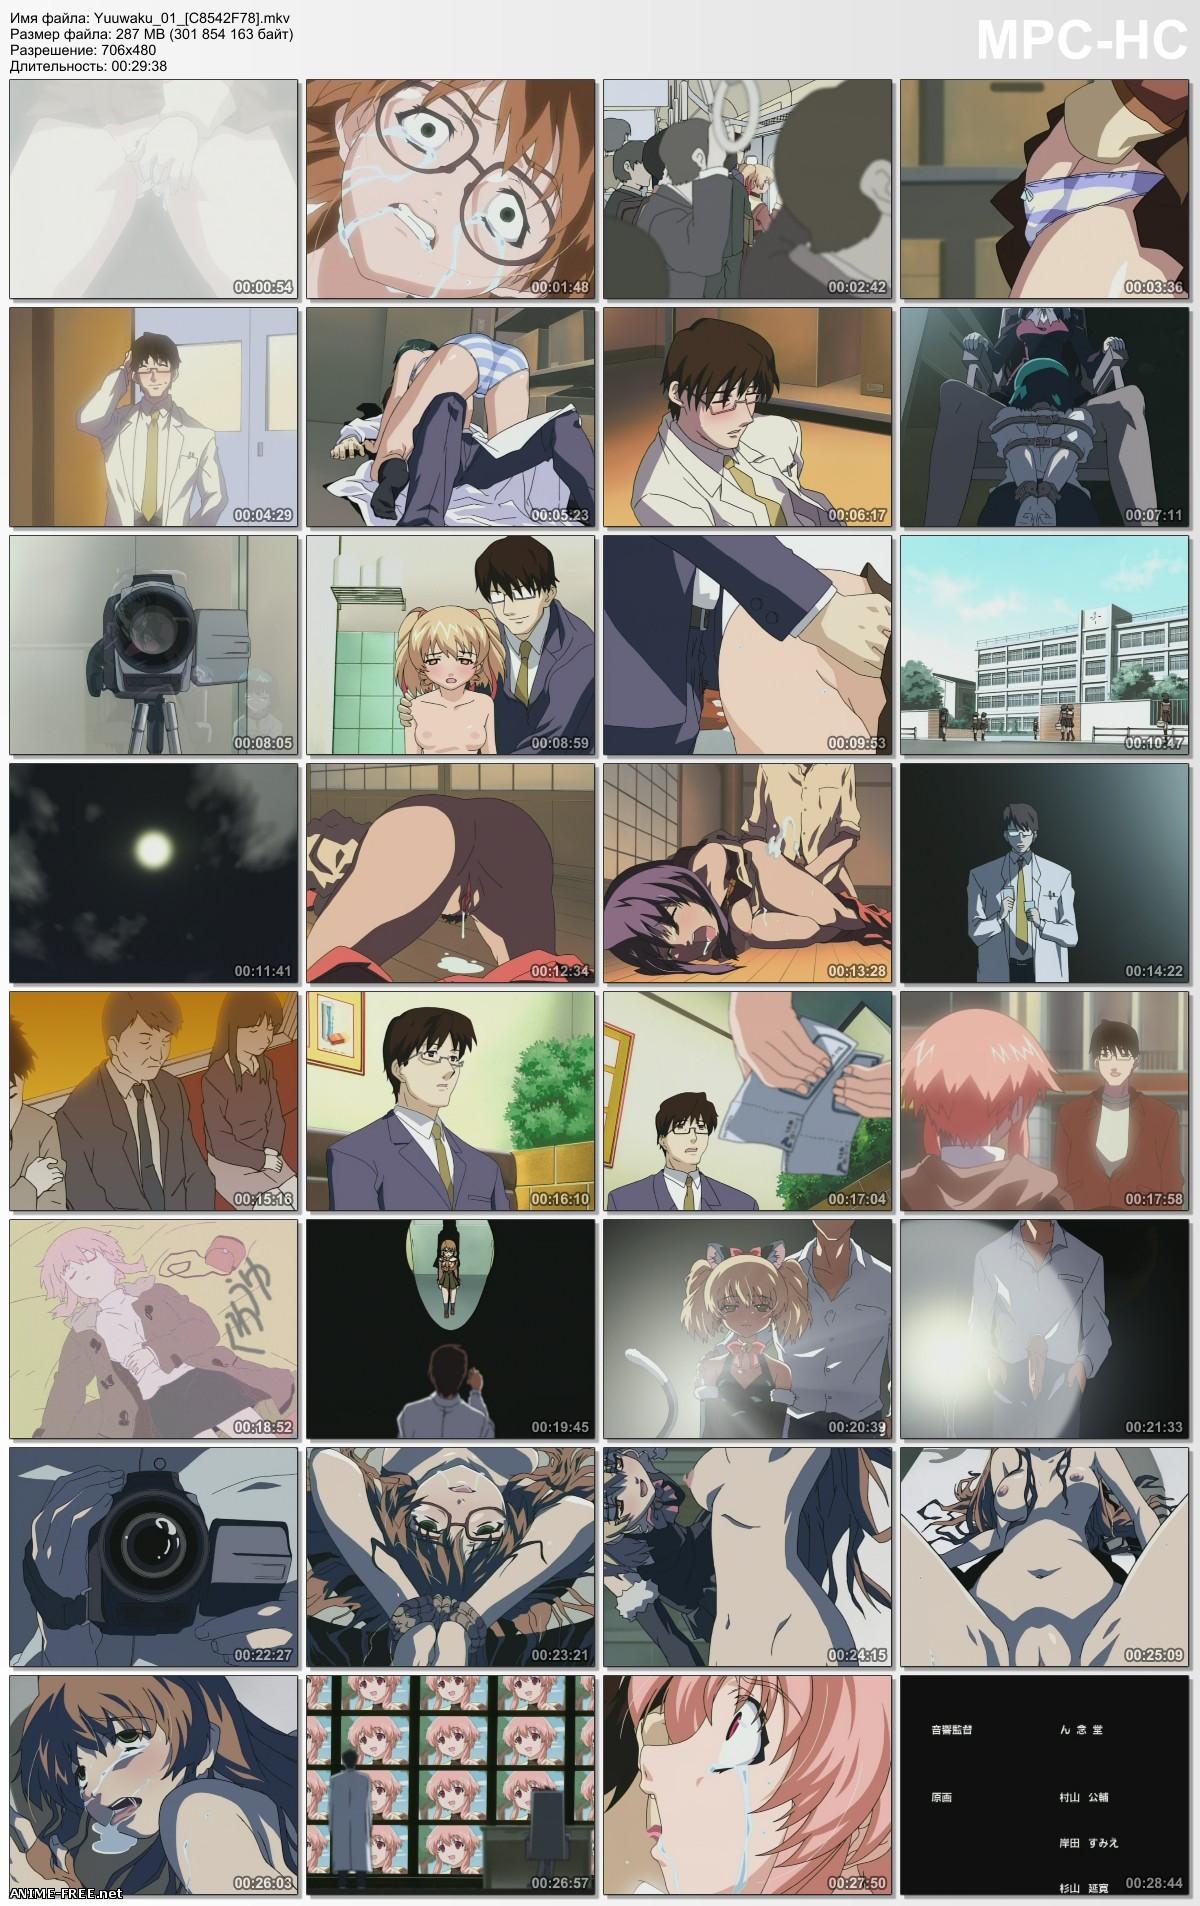 Temptation / Yuuwaku / Искушение [2 из 2] [JPN,RUS,ENG,Multi] Anime Hentai